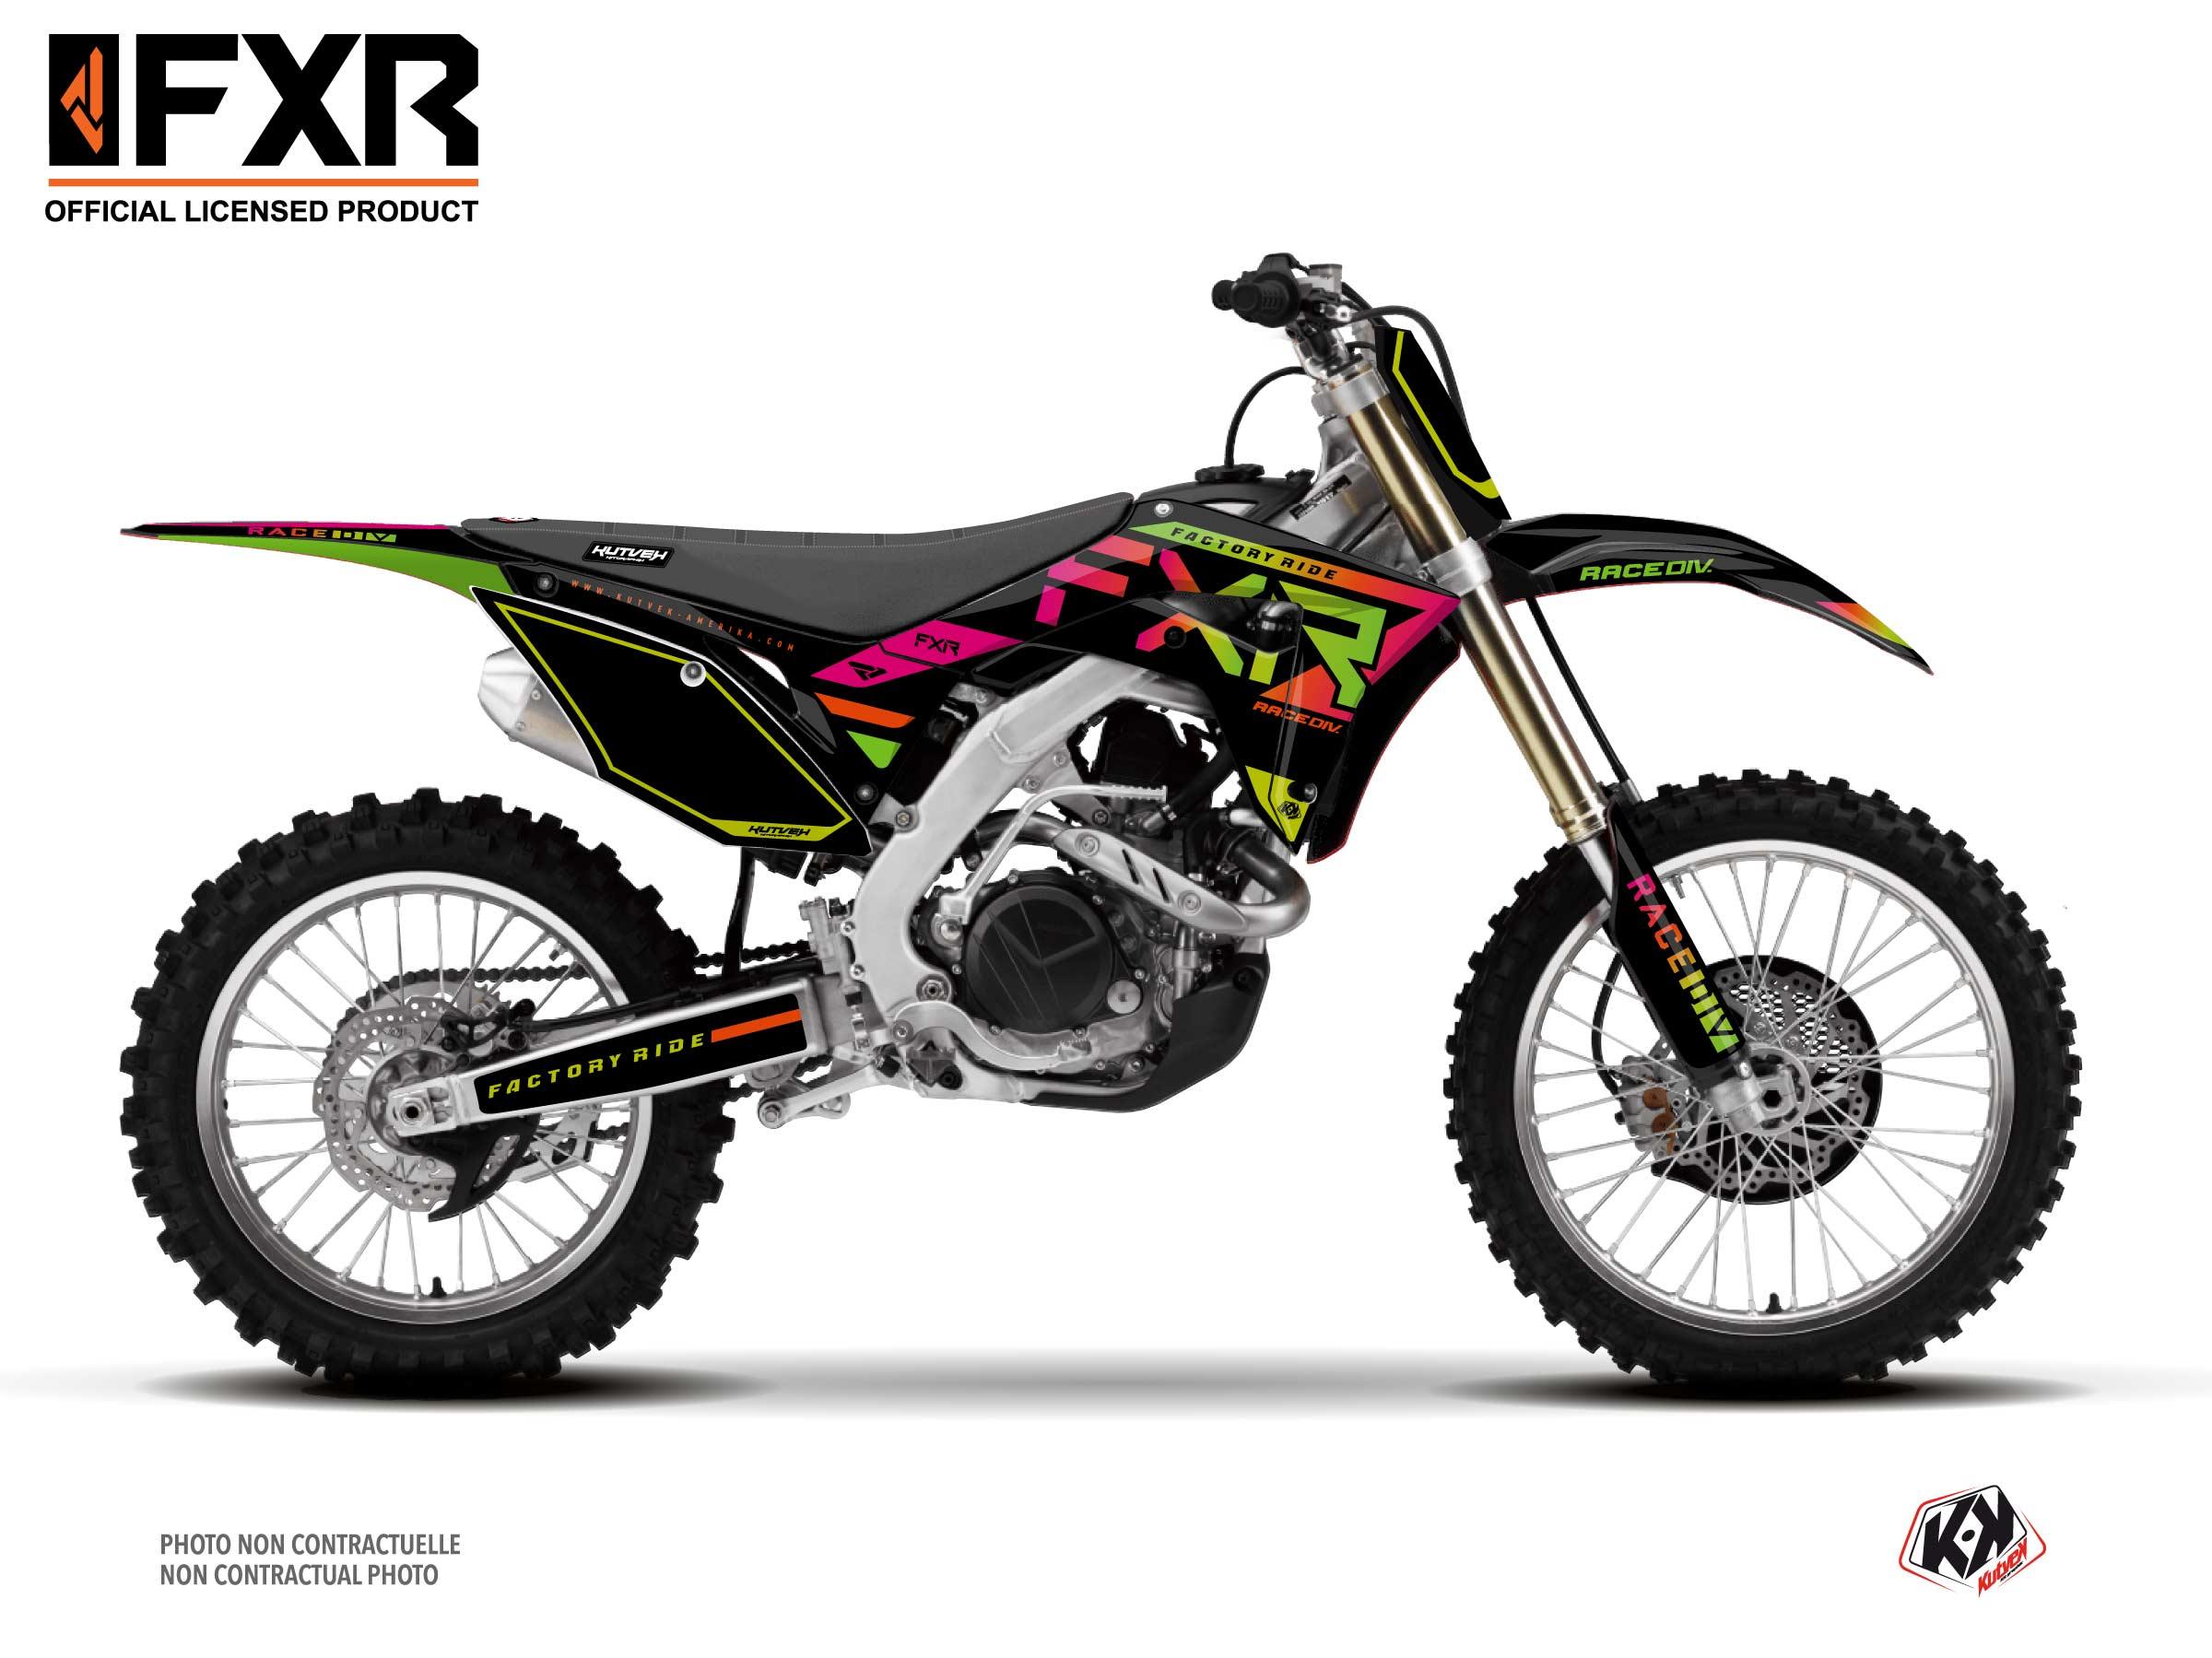 Honda 250 CRF Dirt Bike FXR N2 Graphic Kit Colors